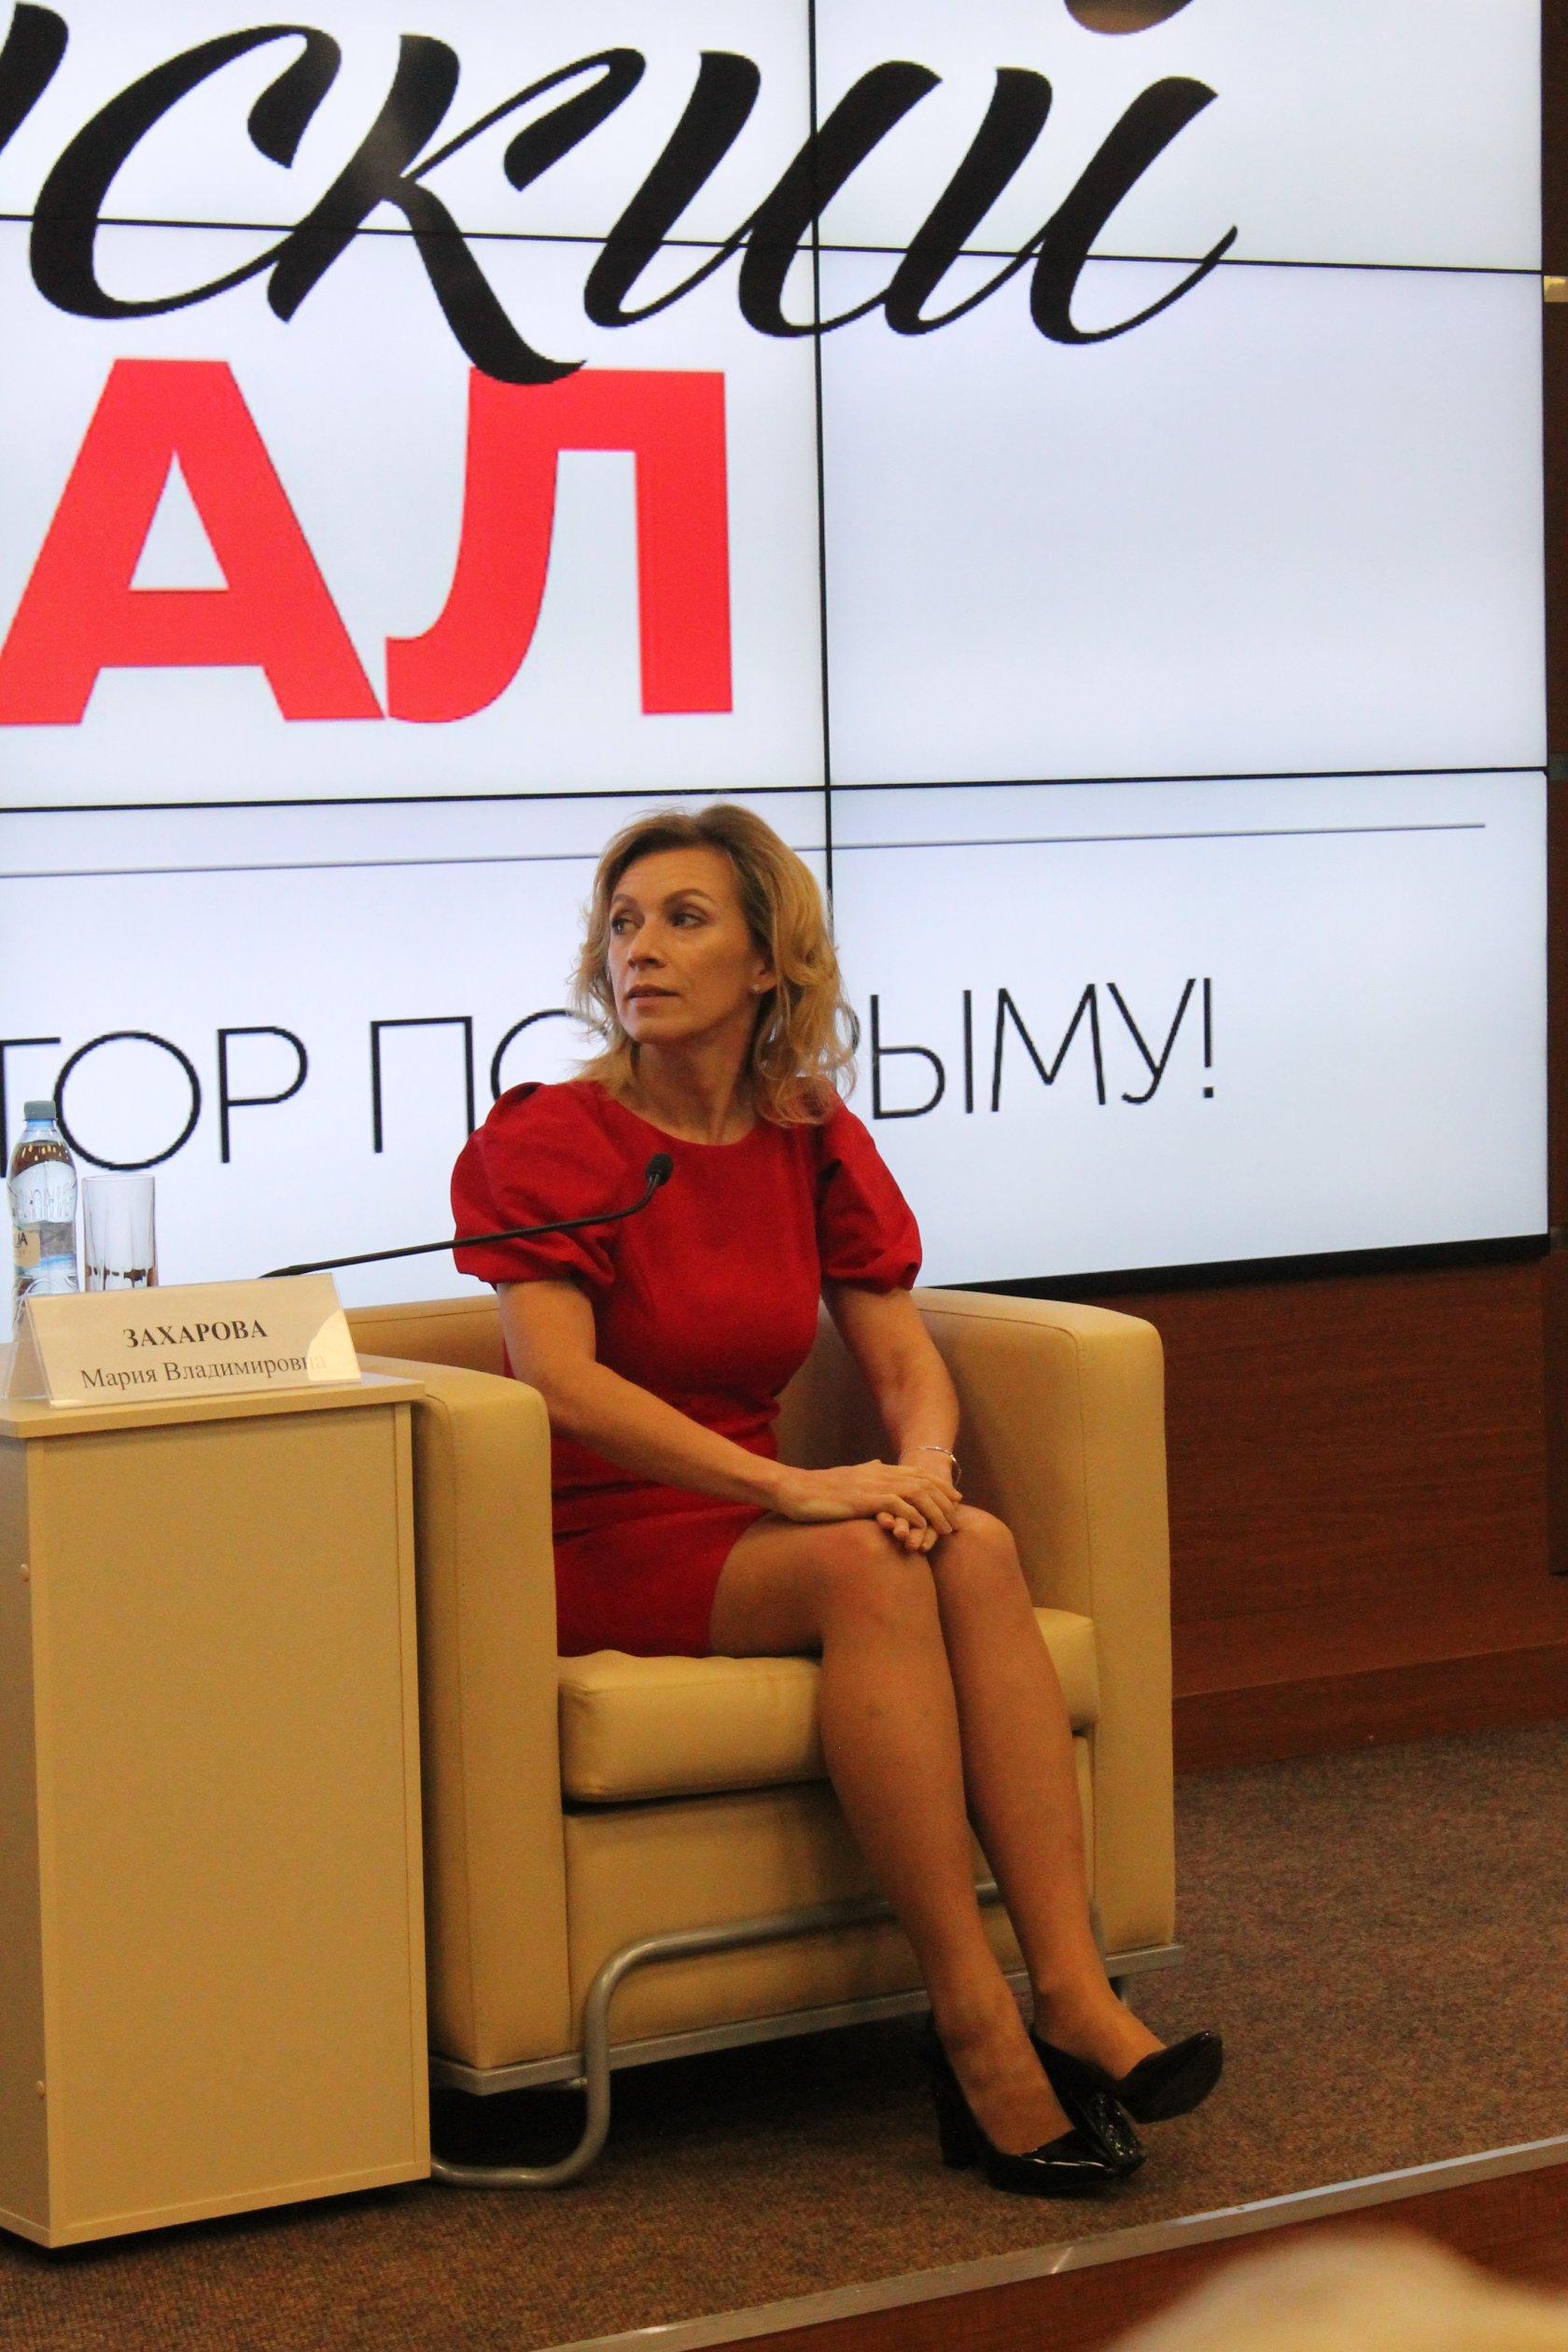 mariya-zaharova-mid-golaya